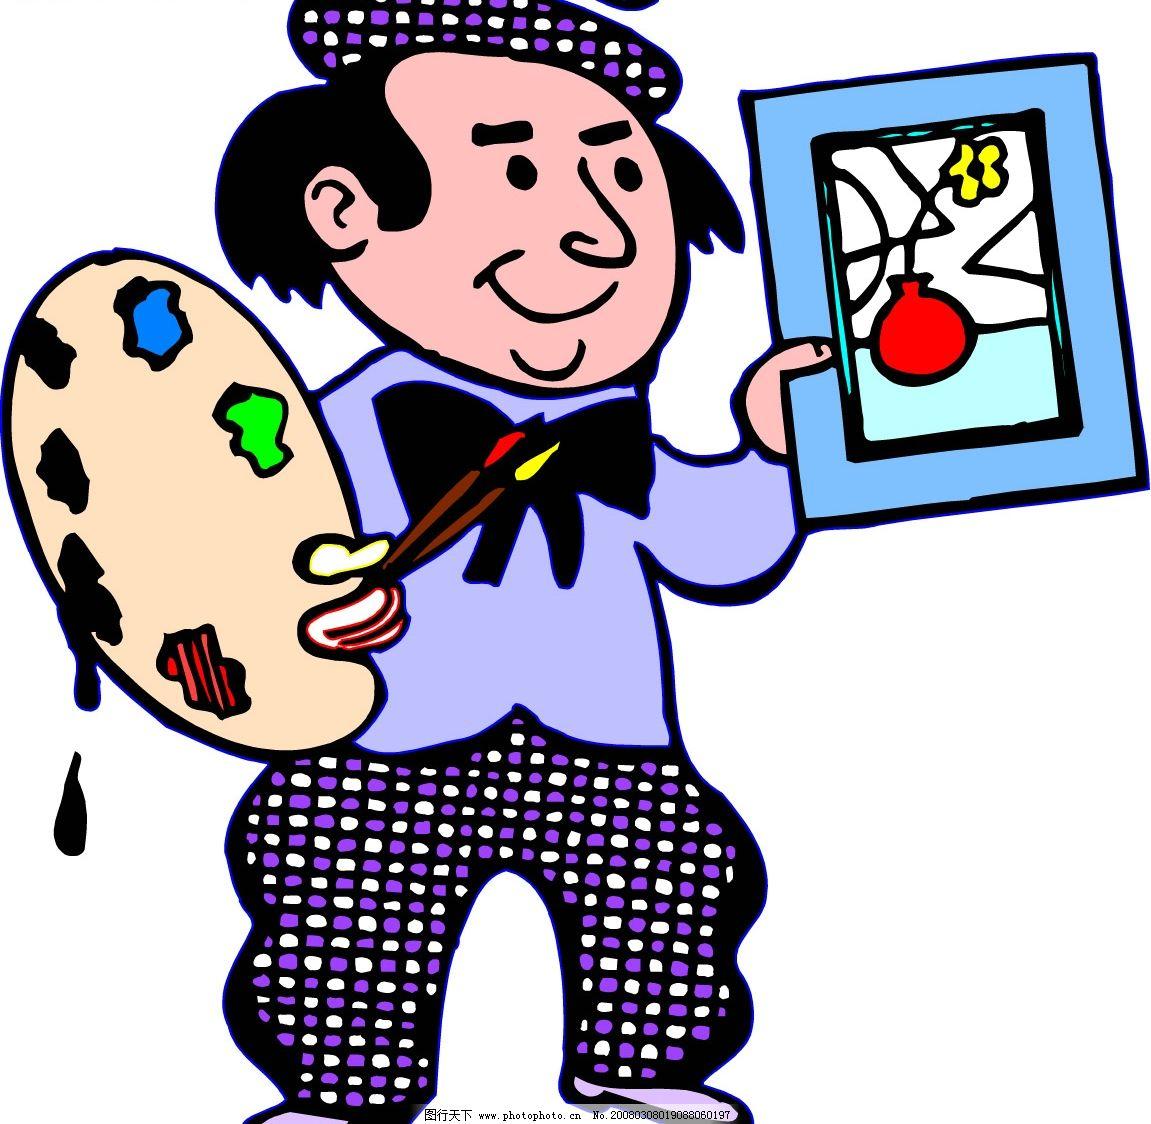 动漫 卡通 漫画 设计 矢量 矢量图 素材 头像 1151_1124